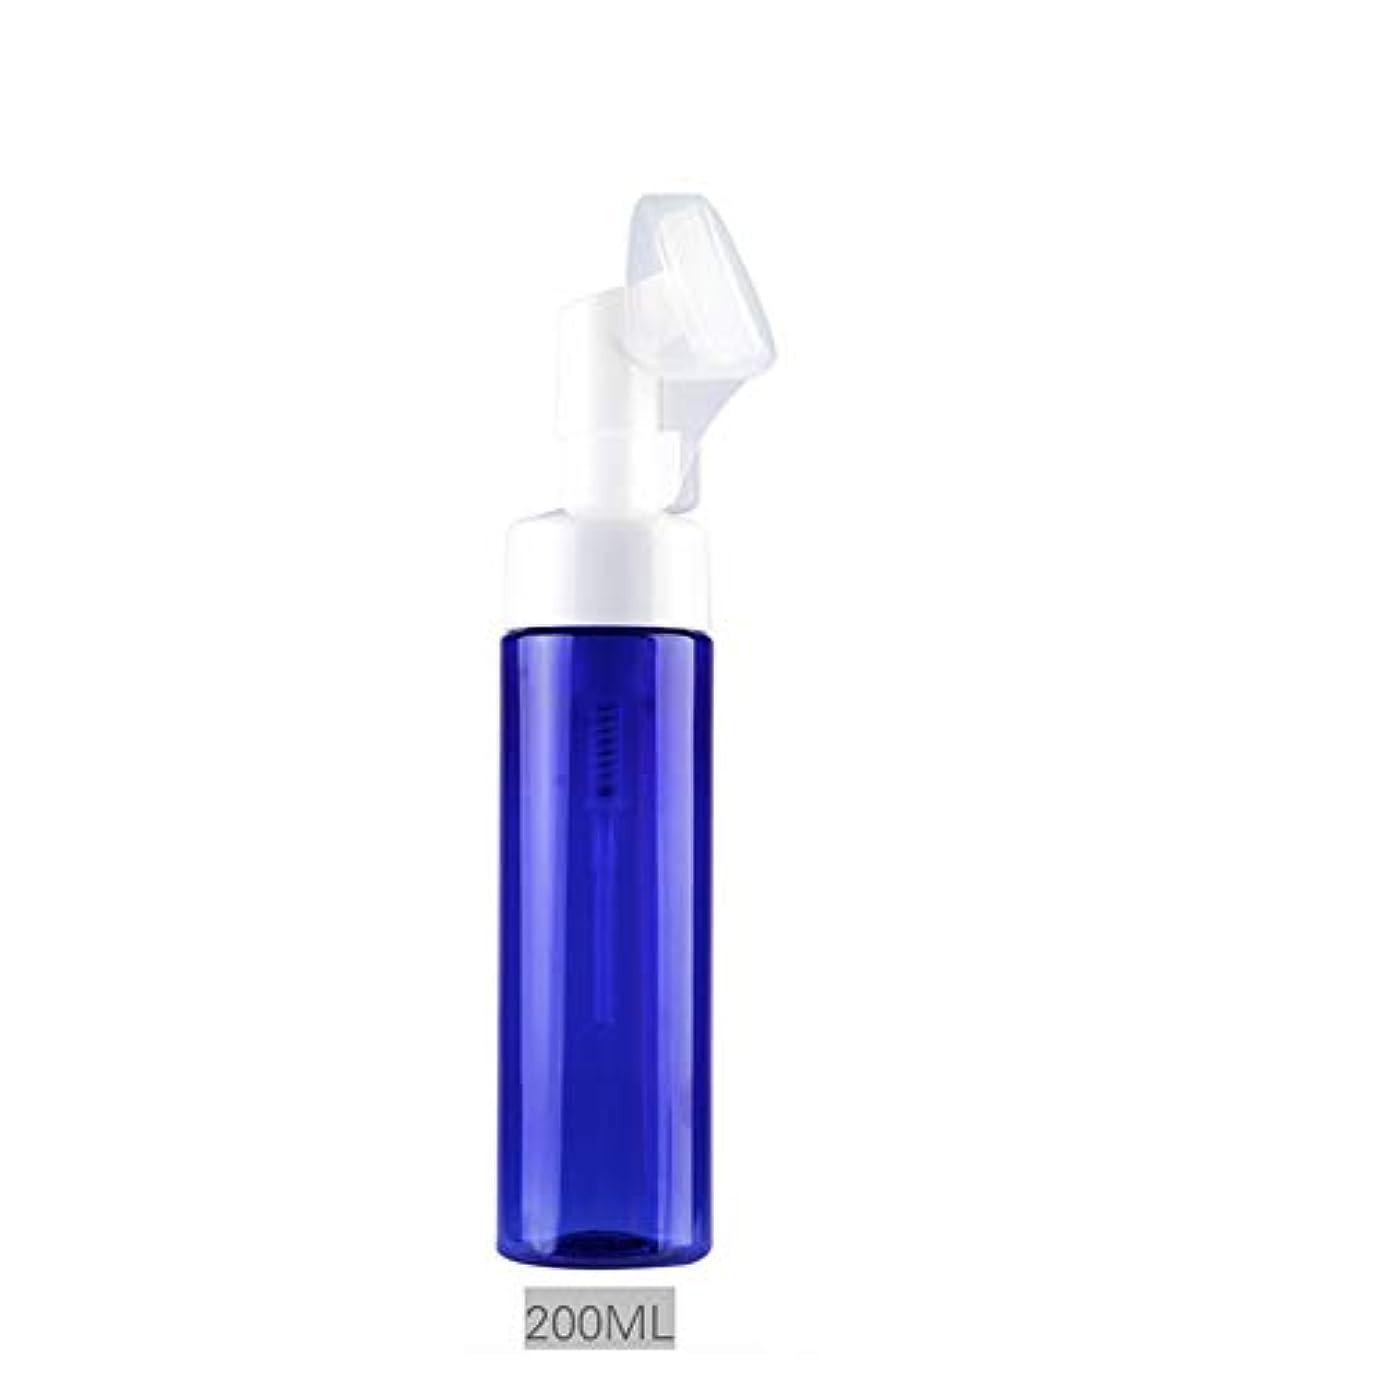 秘書行商未満Xiton 泡ボトル 泡ポンプボトル 押すだけで泡が出る 安定感のある 詰め替え 詰替 泡ハンドソープ 全身石鹸 ボディソープ 洗顔フォーム ブラシ付き 200ML (ブルー)